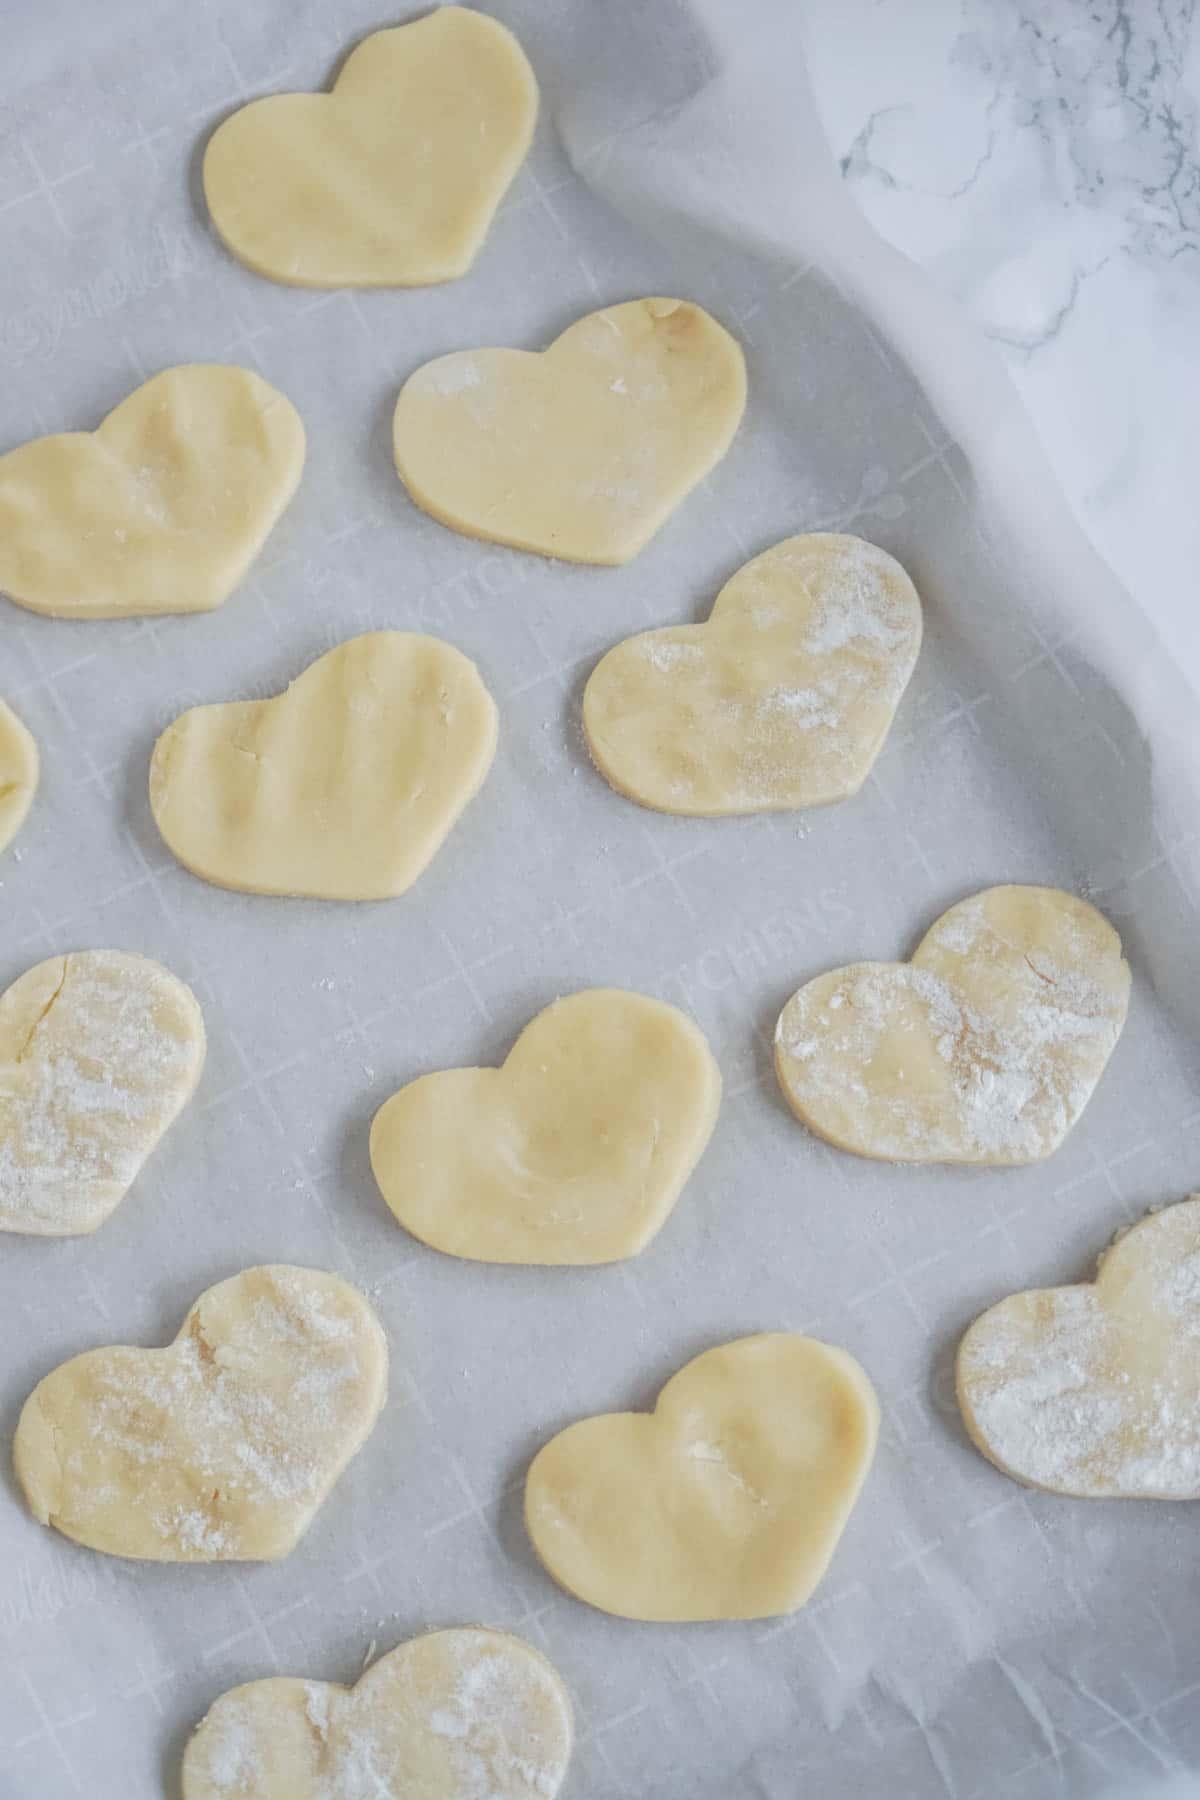 Heart cream cheese sugar cookies on a baking sheet